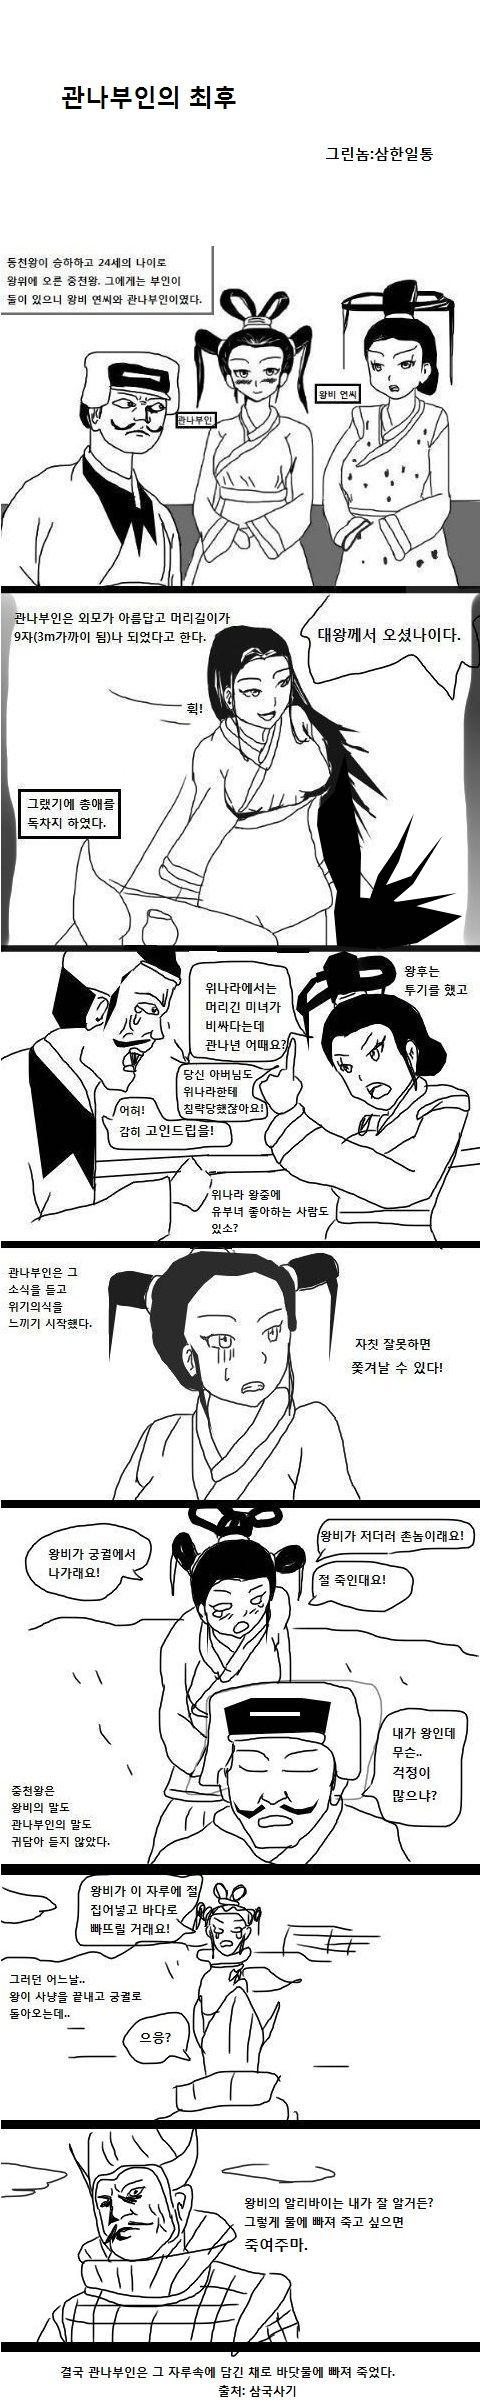 삼한일통의 삼국사기만화]관나부인의 최후